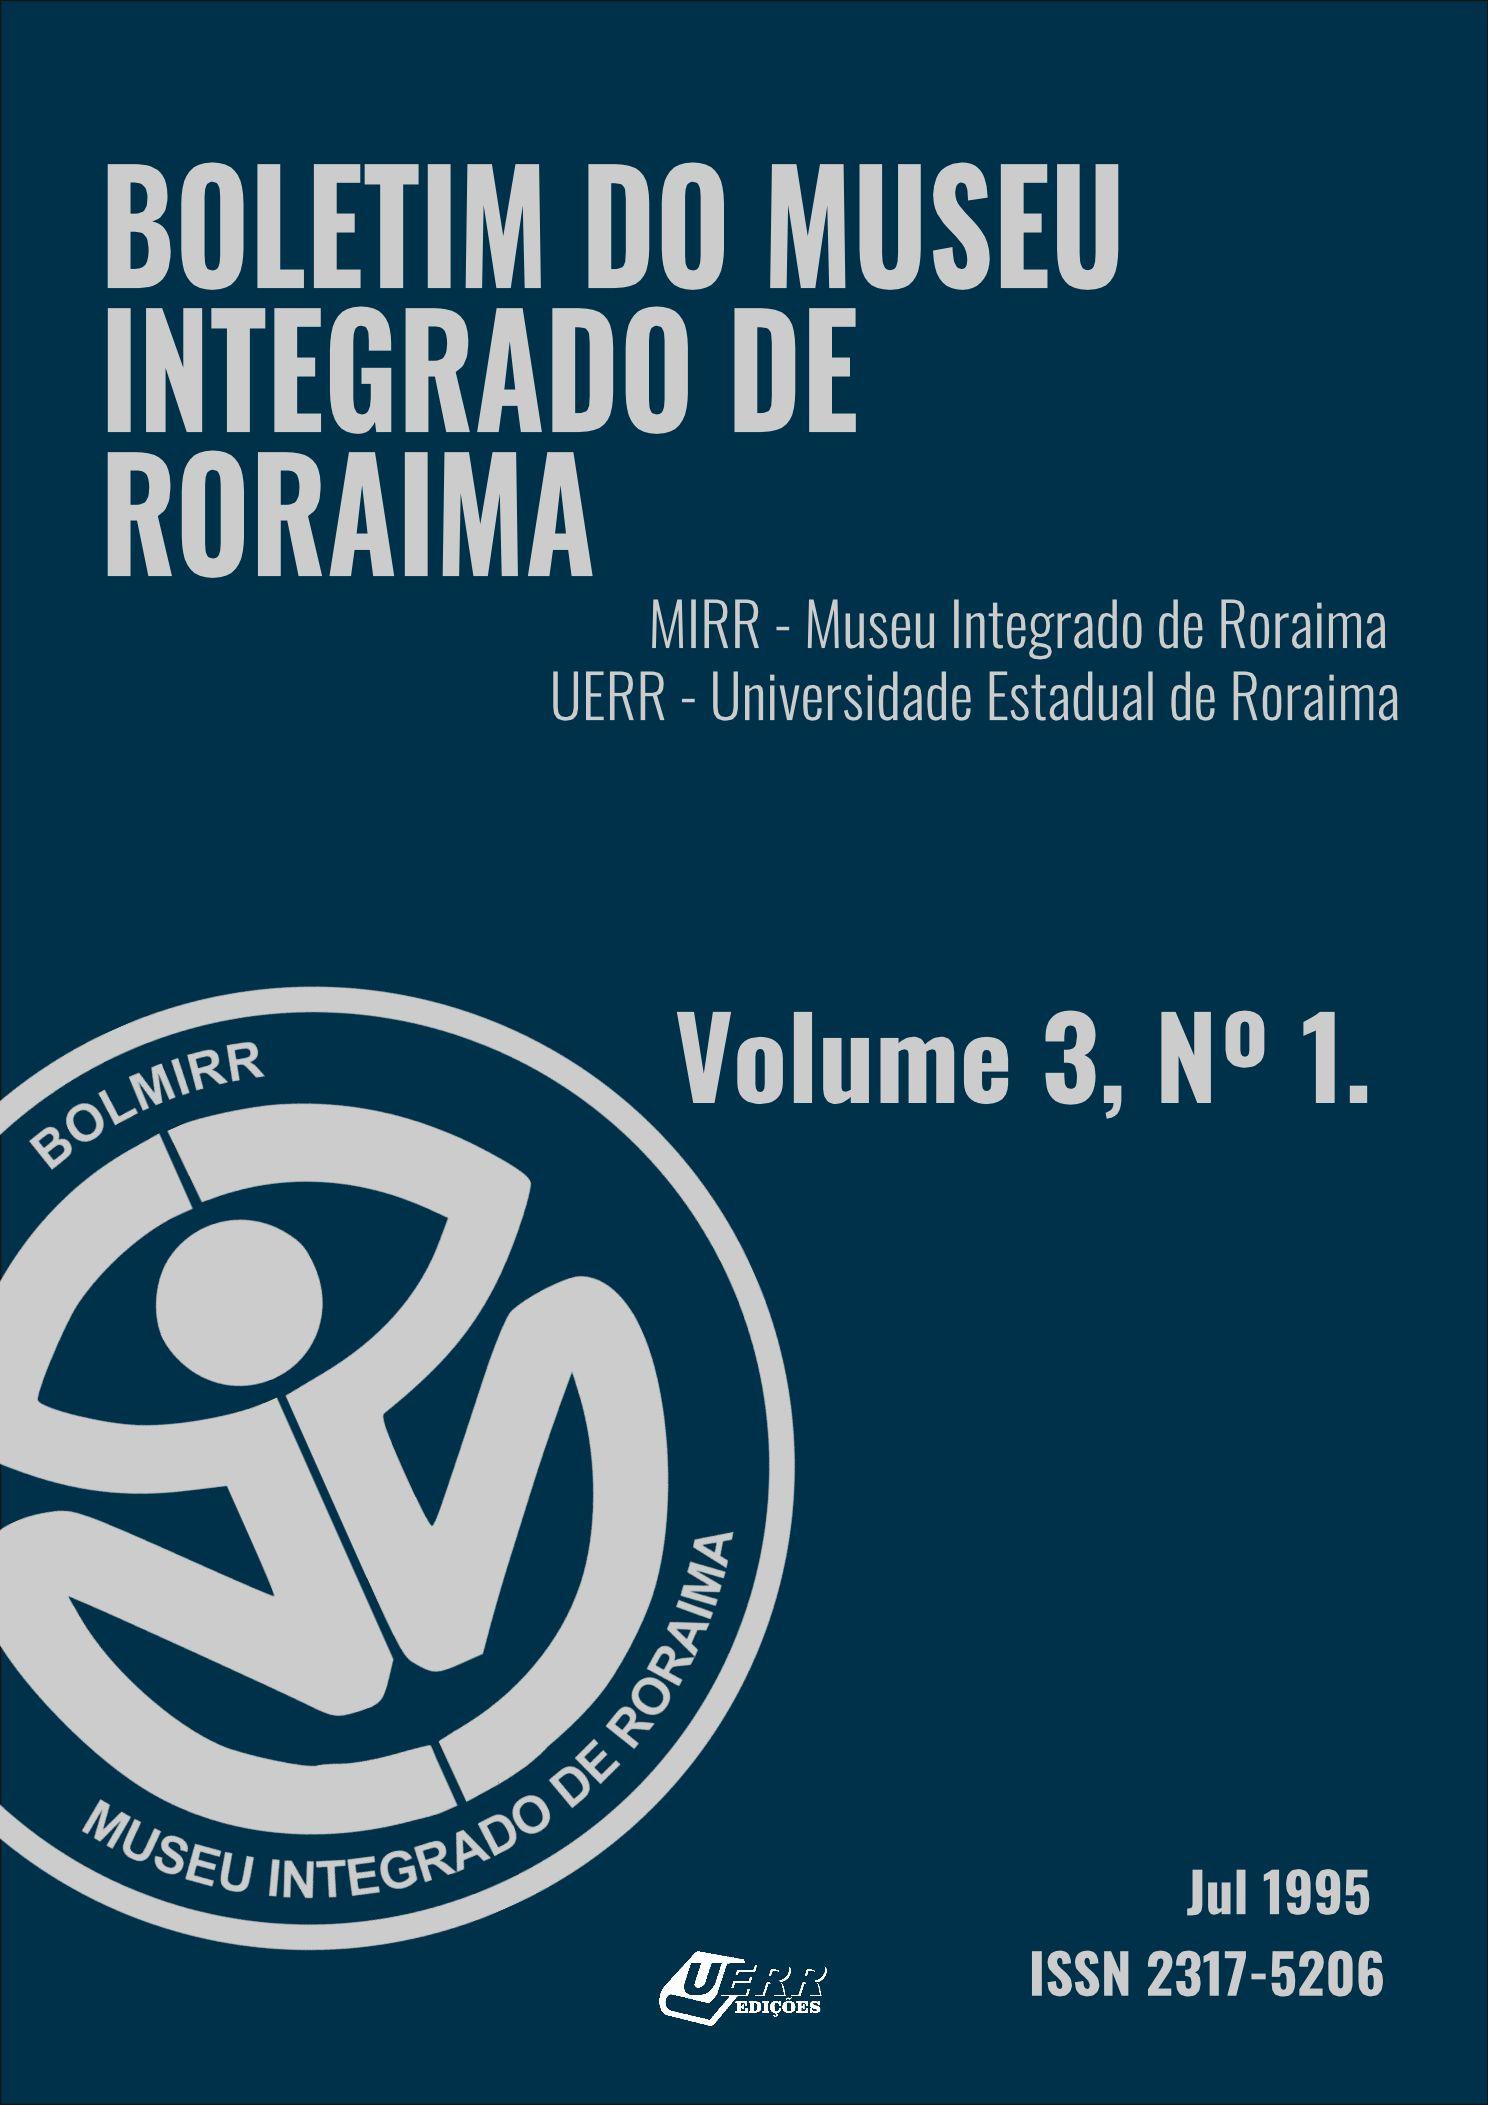 Visualizar v. 3 n. 01 (1995): Boletim do Museu Integrado de Roraima